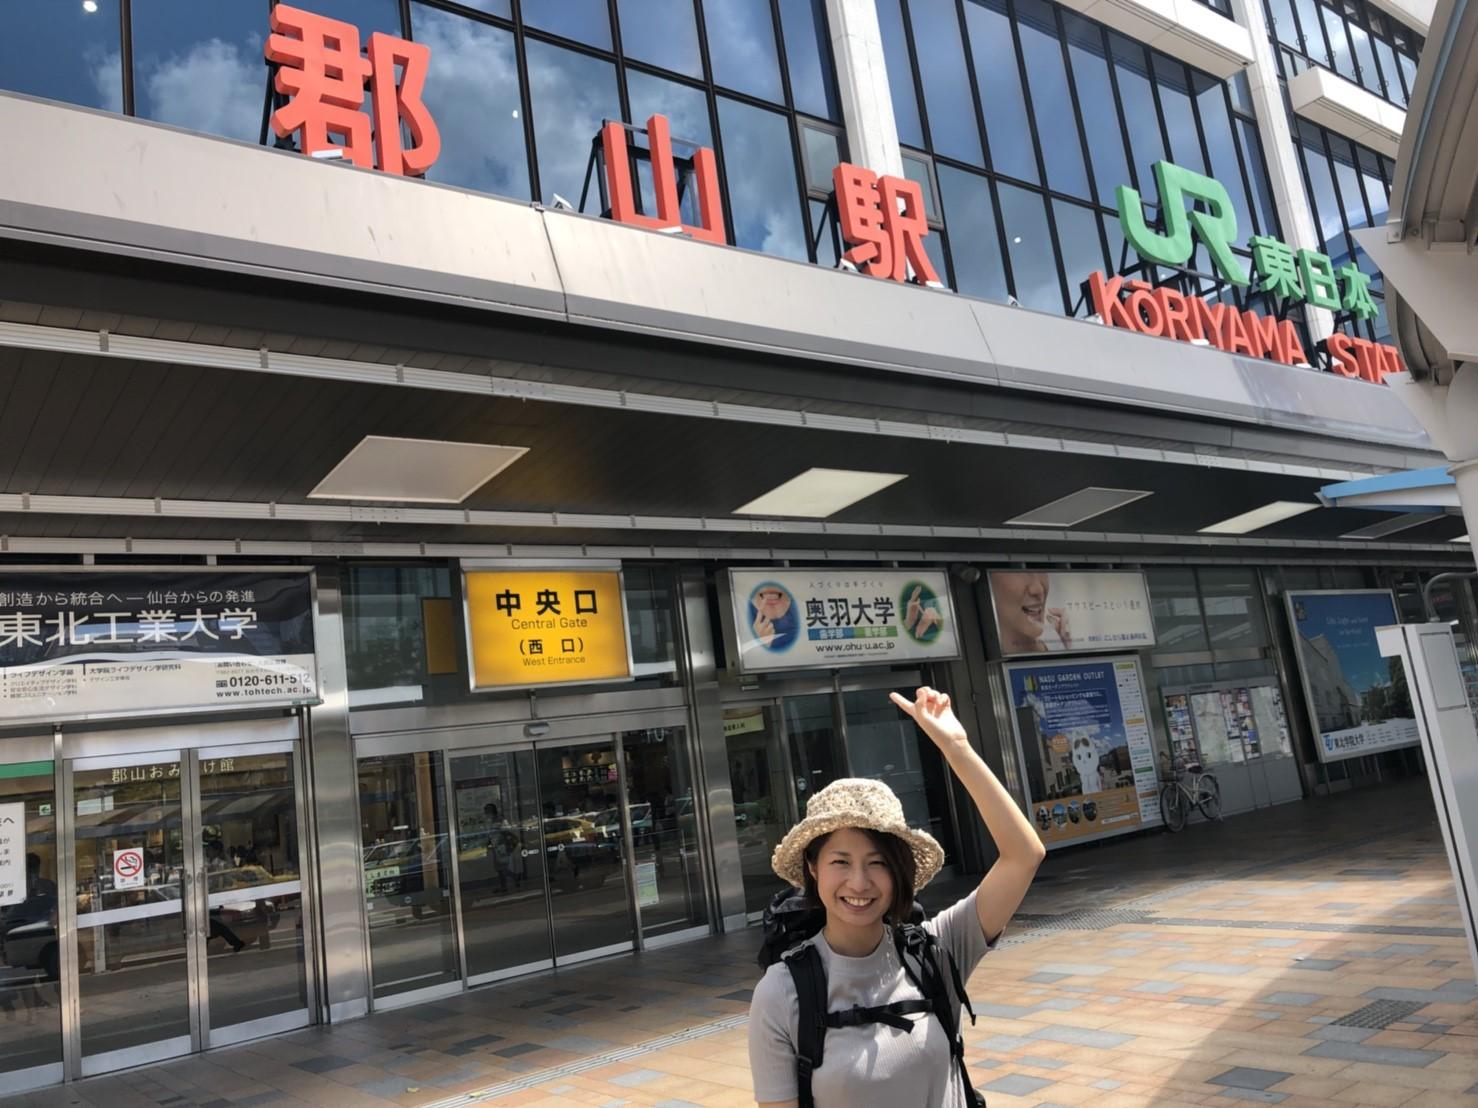 食後無臭にんにく!?円盤餃子を食す|日本一周農家旅 in 宮城&福島